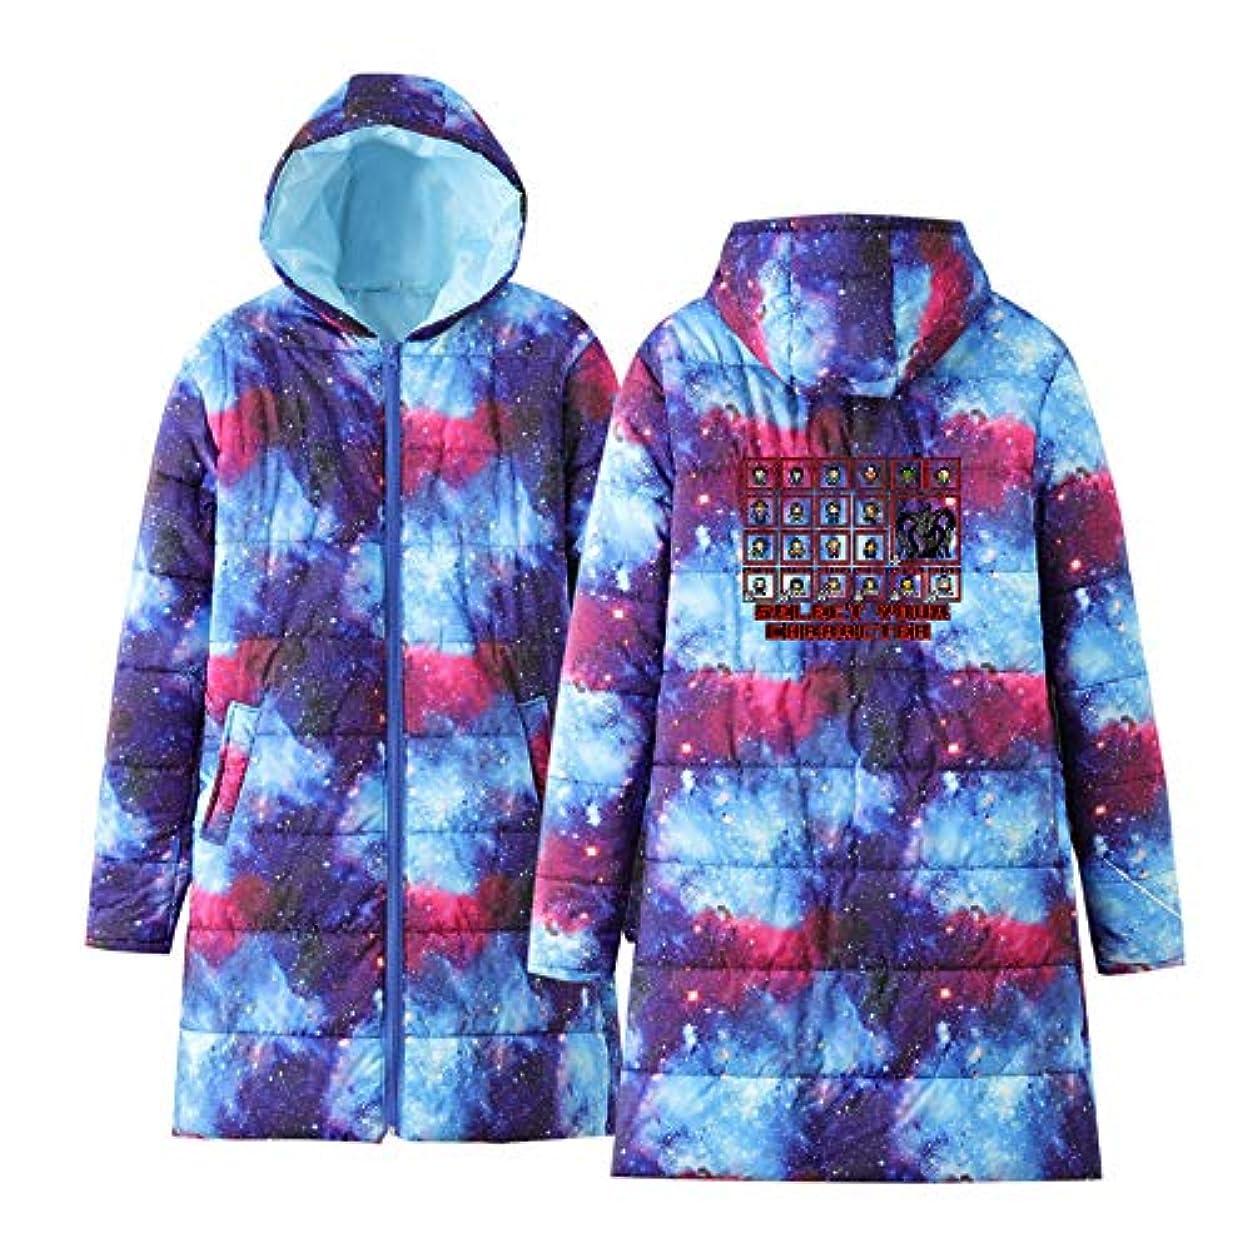 アルファベット確かめるいつも男性と女性の軽量コート超軽量ヒップレングスフード付きジャケットロングスリーブ印刷トレンドダウンジャケット,Starrysky,XXL